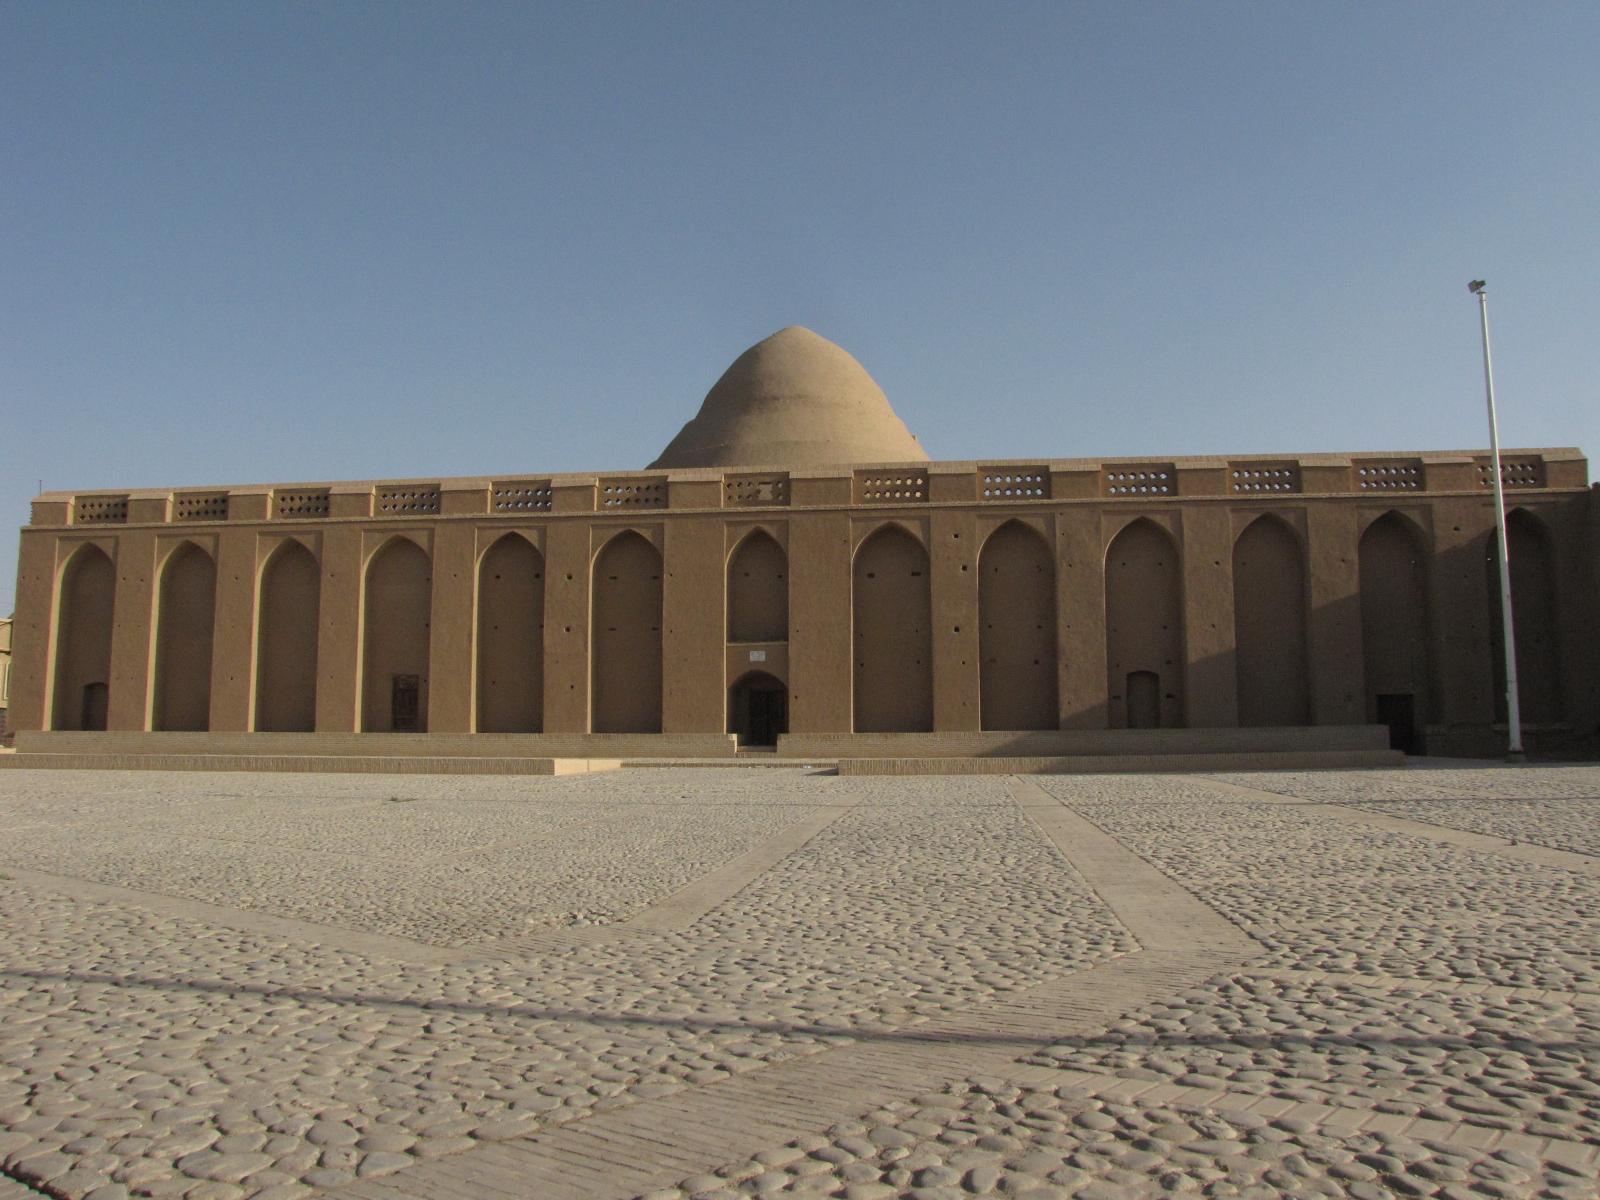 سفر به میبد؛ شهر جذاب کویر با کاروانسراهای تاریخی